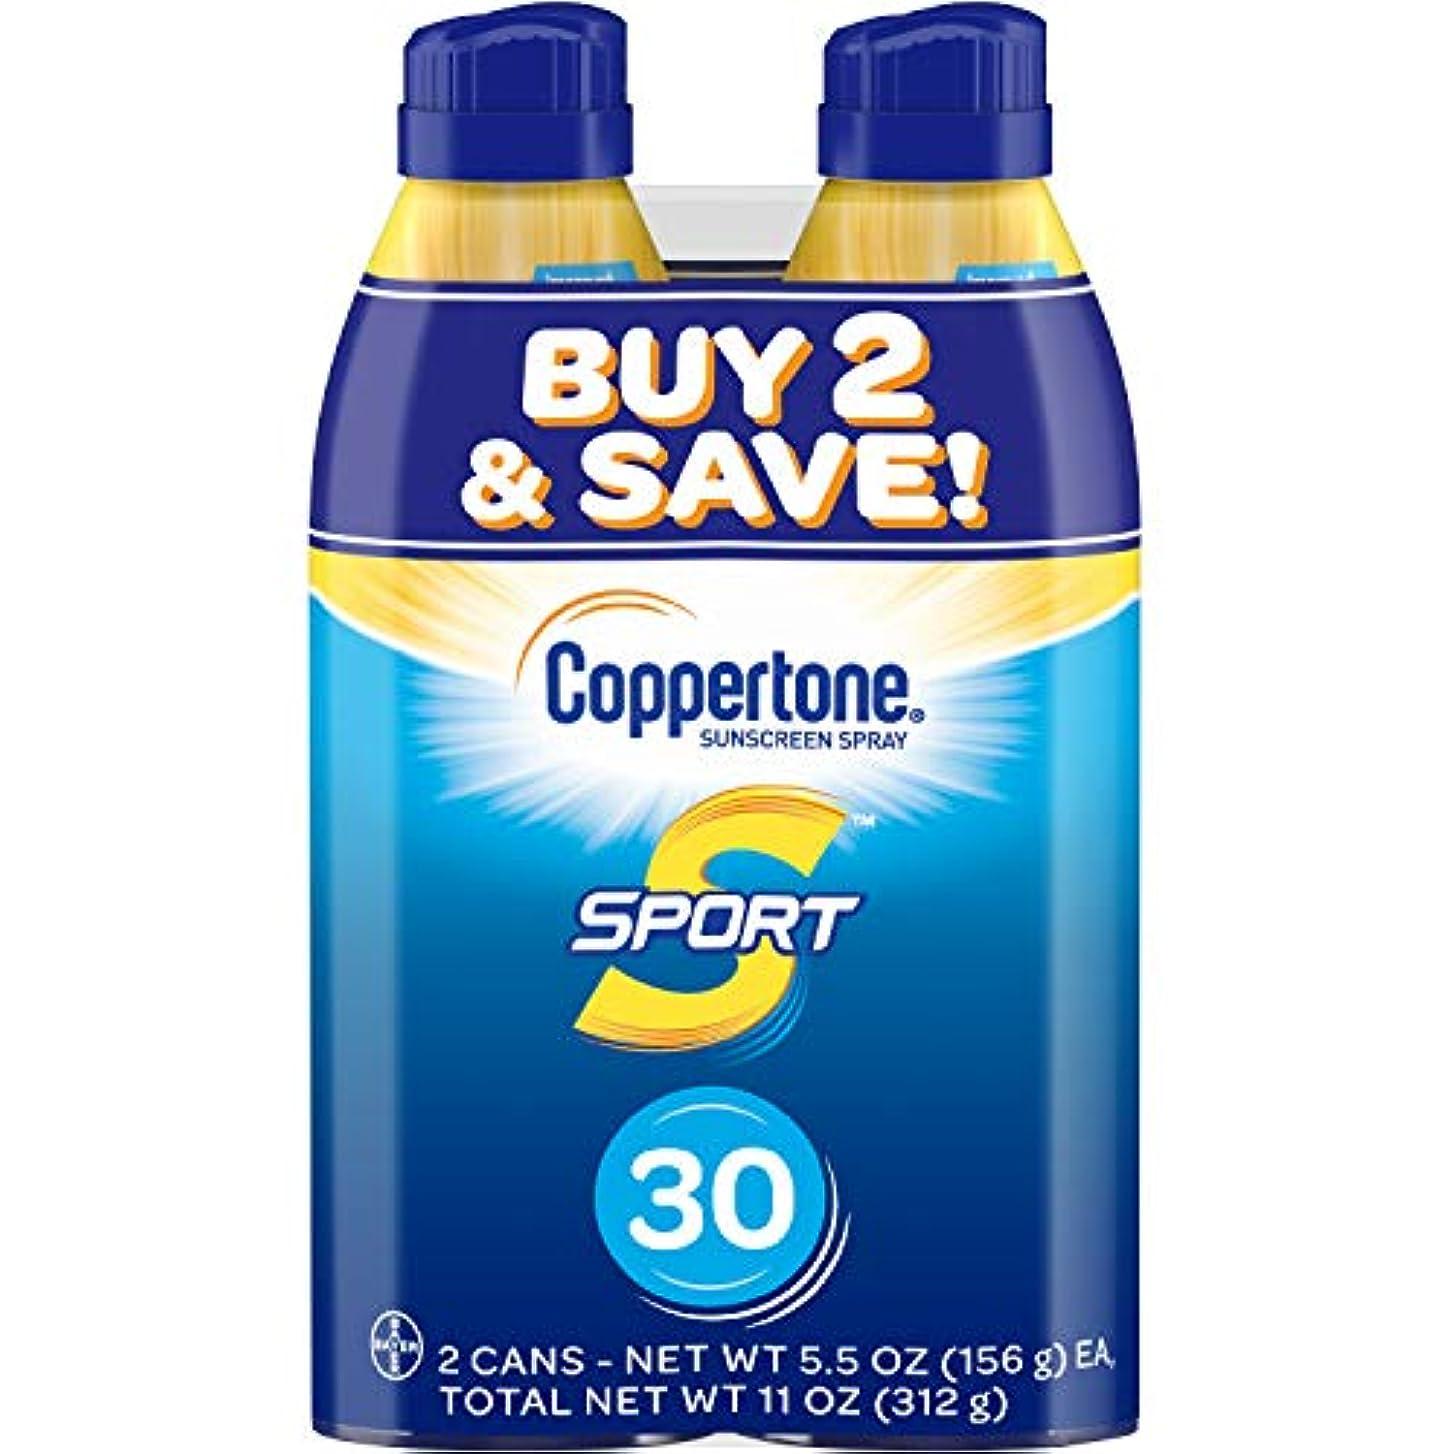 幻滅するふりをする司法Coppertone スポーツ連写日焼け止め広域スペクトルSPFスプレー30(5.5オンスボトル、ツインパック)